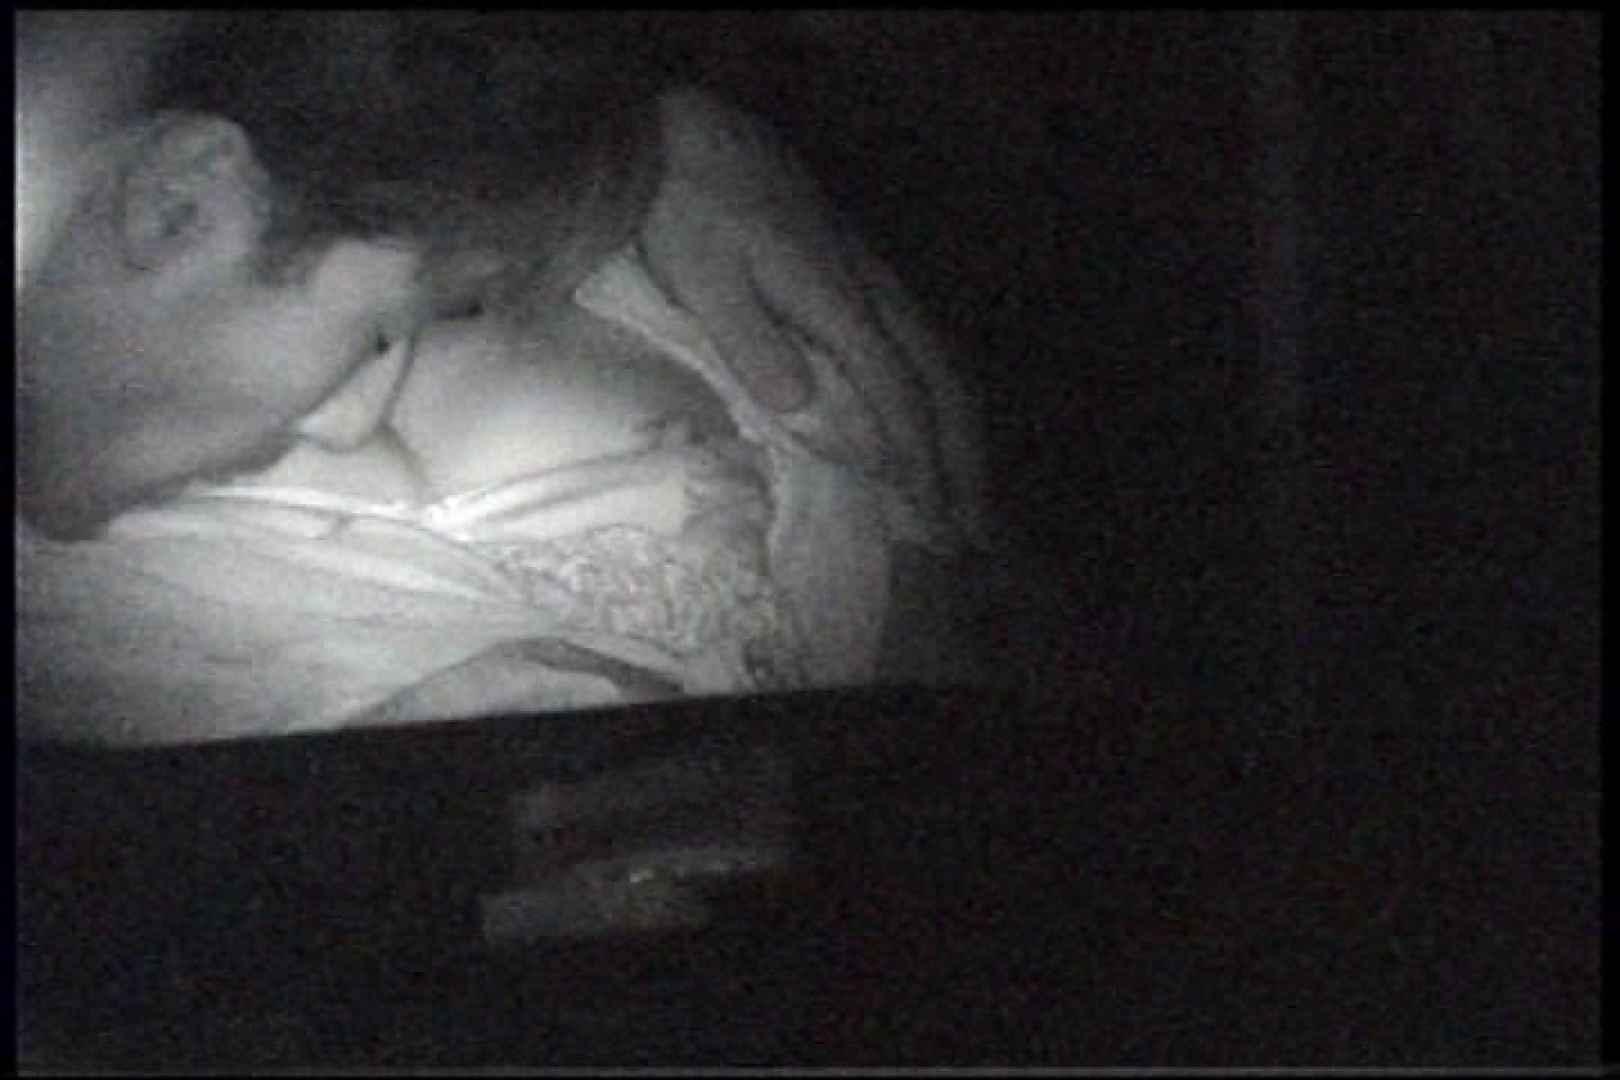 充血監督の深夜の運動会Vol.238 OLセックス  60画像 36